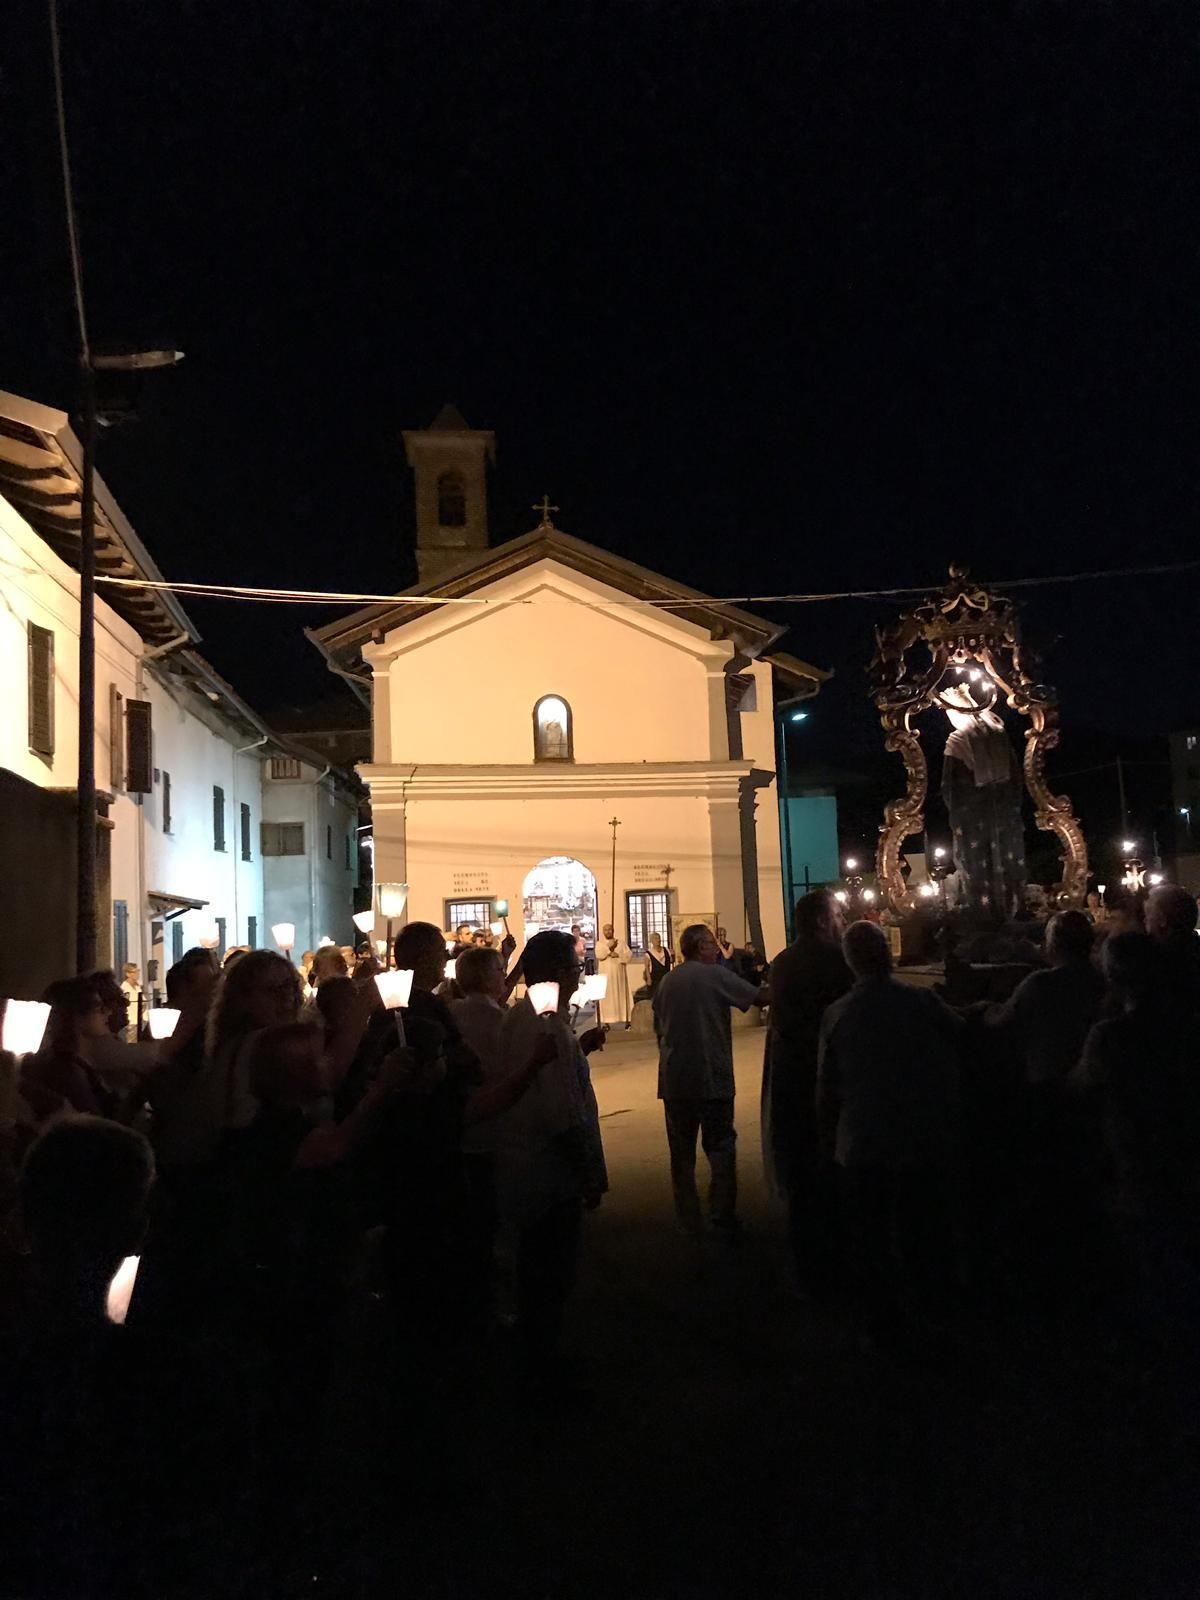 FAVRIA - La festa pluricentenaria della Madonna della Neve, un rito che si ripete